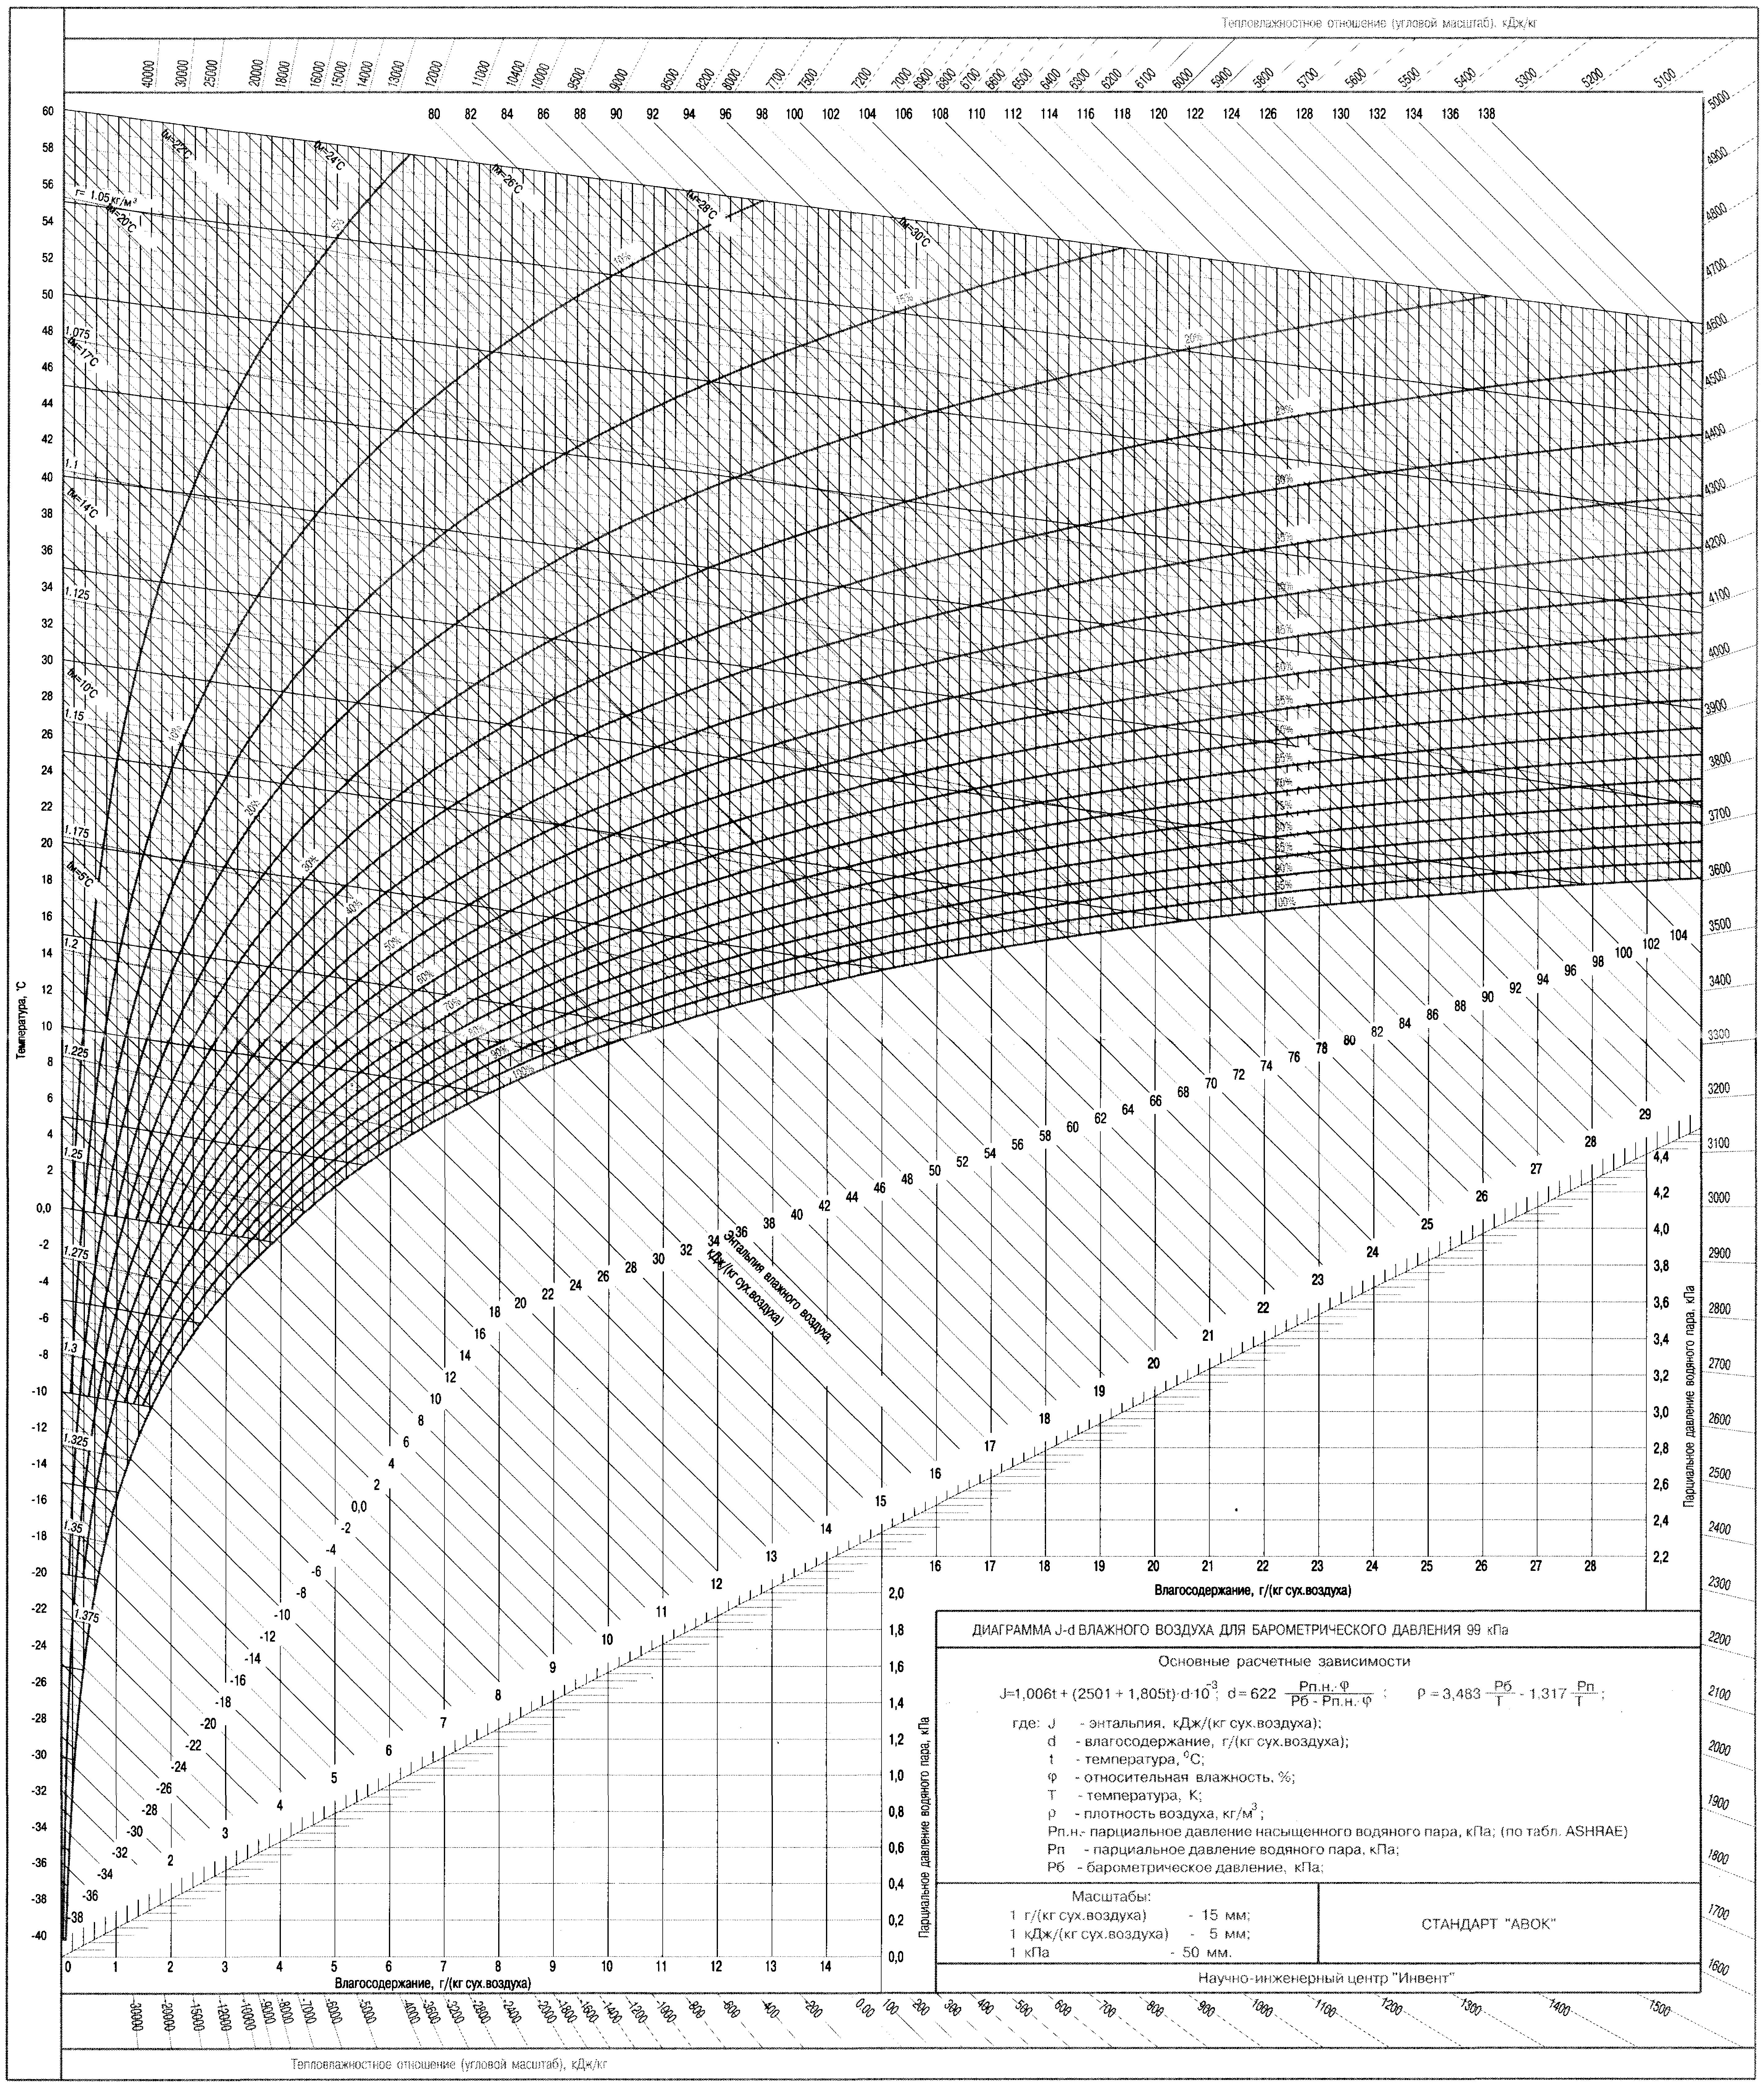 Диаграмма J-d влажного воздуха для барометрического давления 99 кПа. Диаграмма рамзина для влажного воздуха. Откройте изображение - увидите в полном размере, распечатывайте, желательно, на формате А3